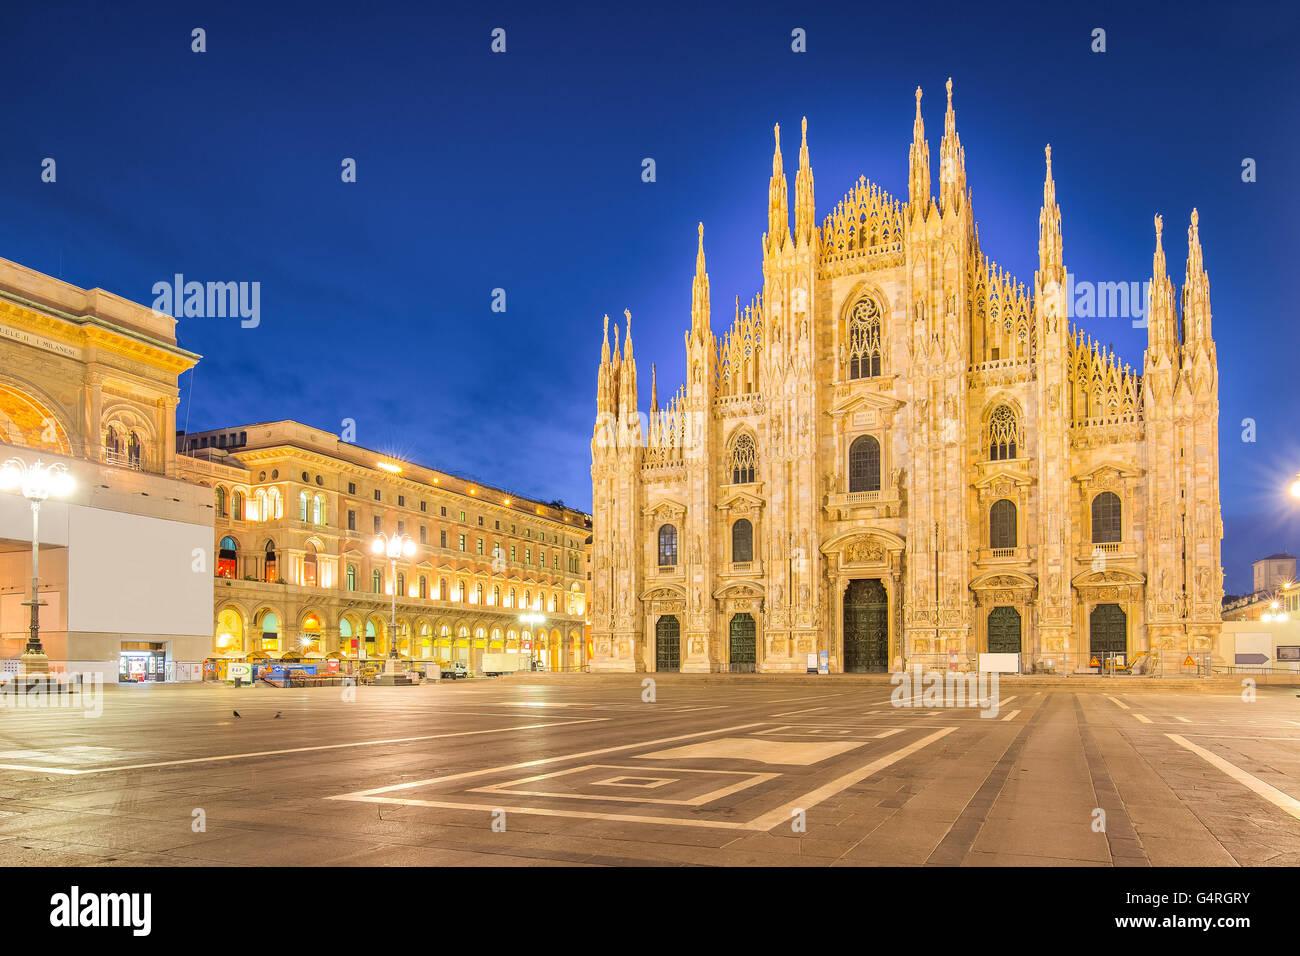 Notte al Duomo del Duomo di Milano in Italia. Immagini Stock